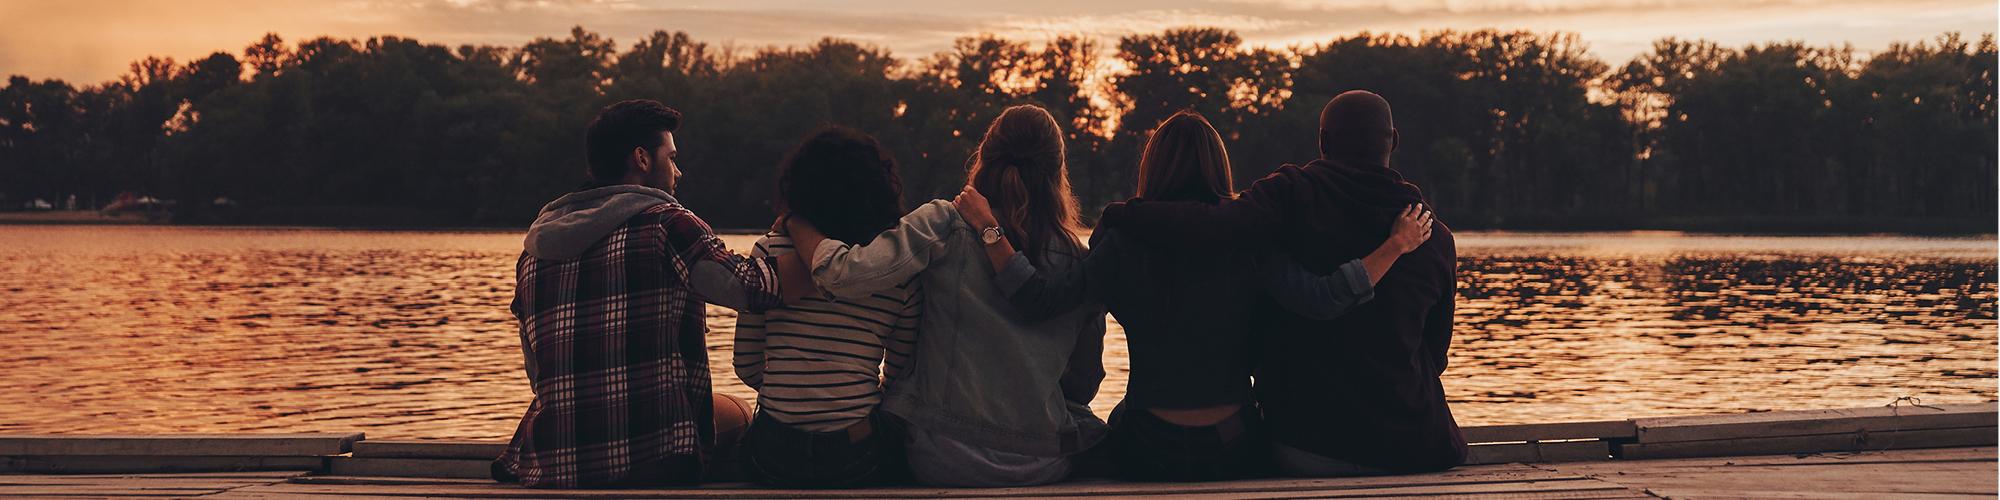 CVV lança série de vídeos sobre suicídio de jovens e adolescentes